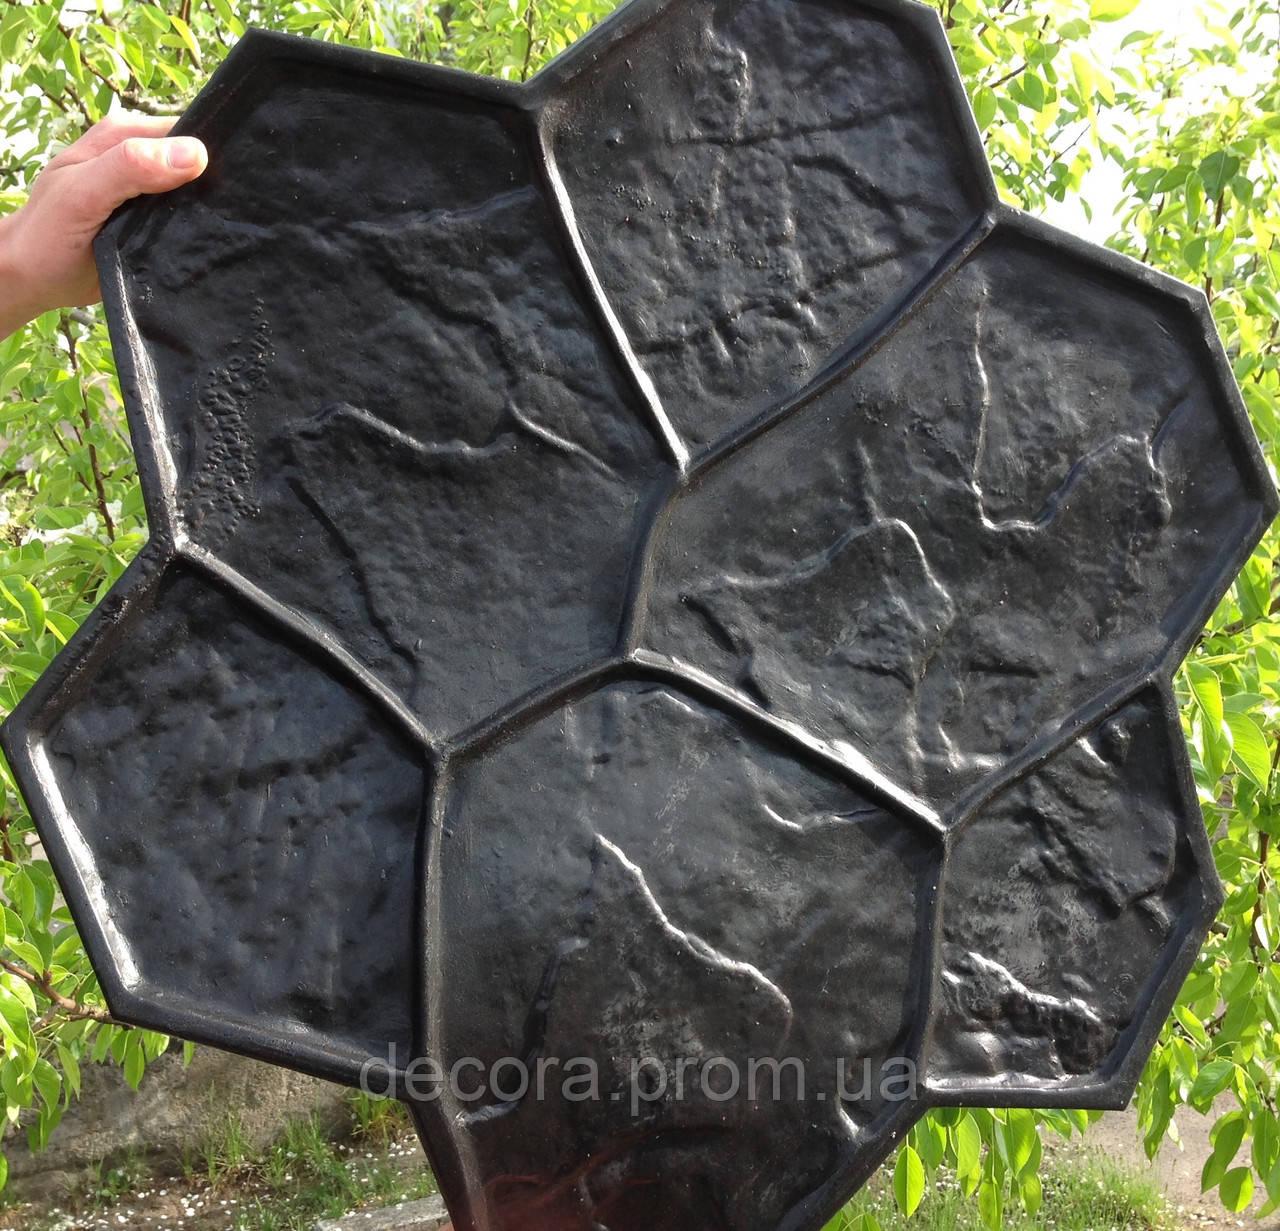 Полиуретановый штамп для бетона своими руками